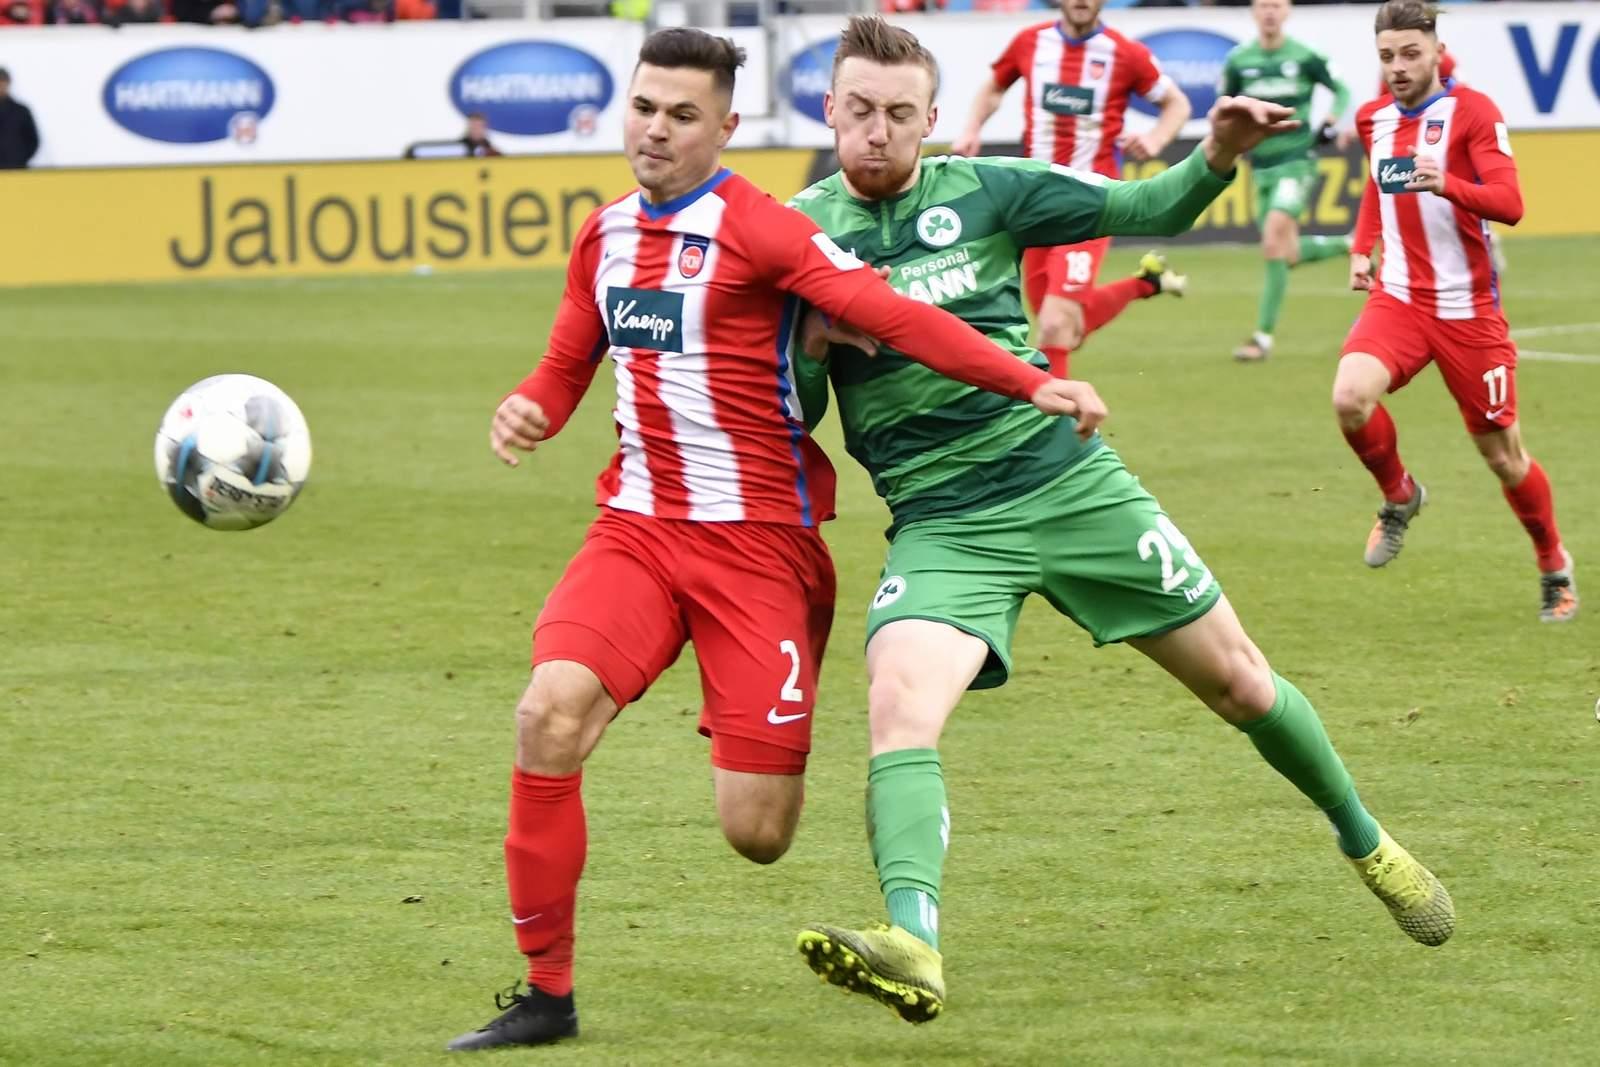 Tobias Mohr (r.) gegen Heidenheim Marnon Busch.